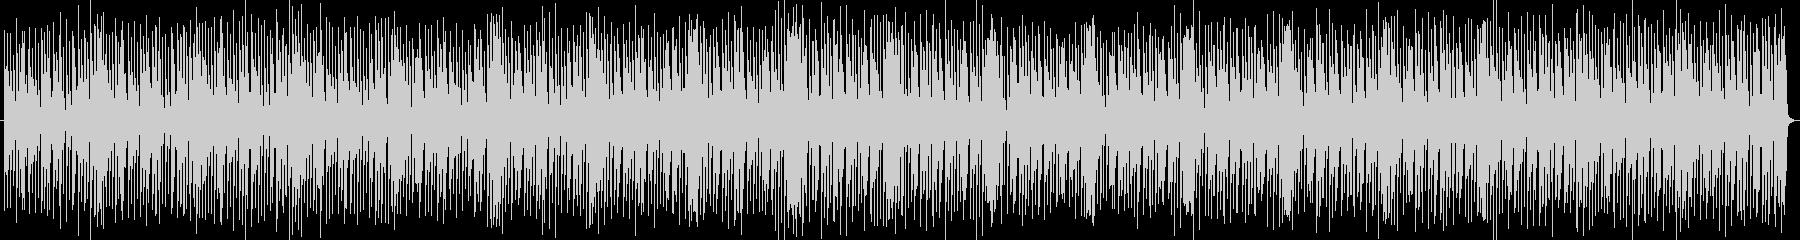 躍動感のあるリズミカルな曲の未再生の波形